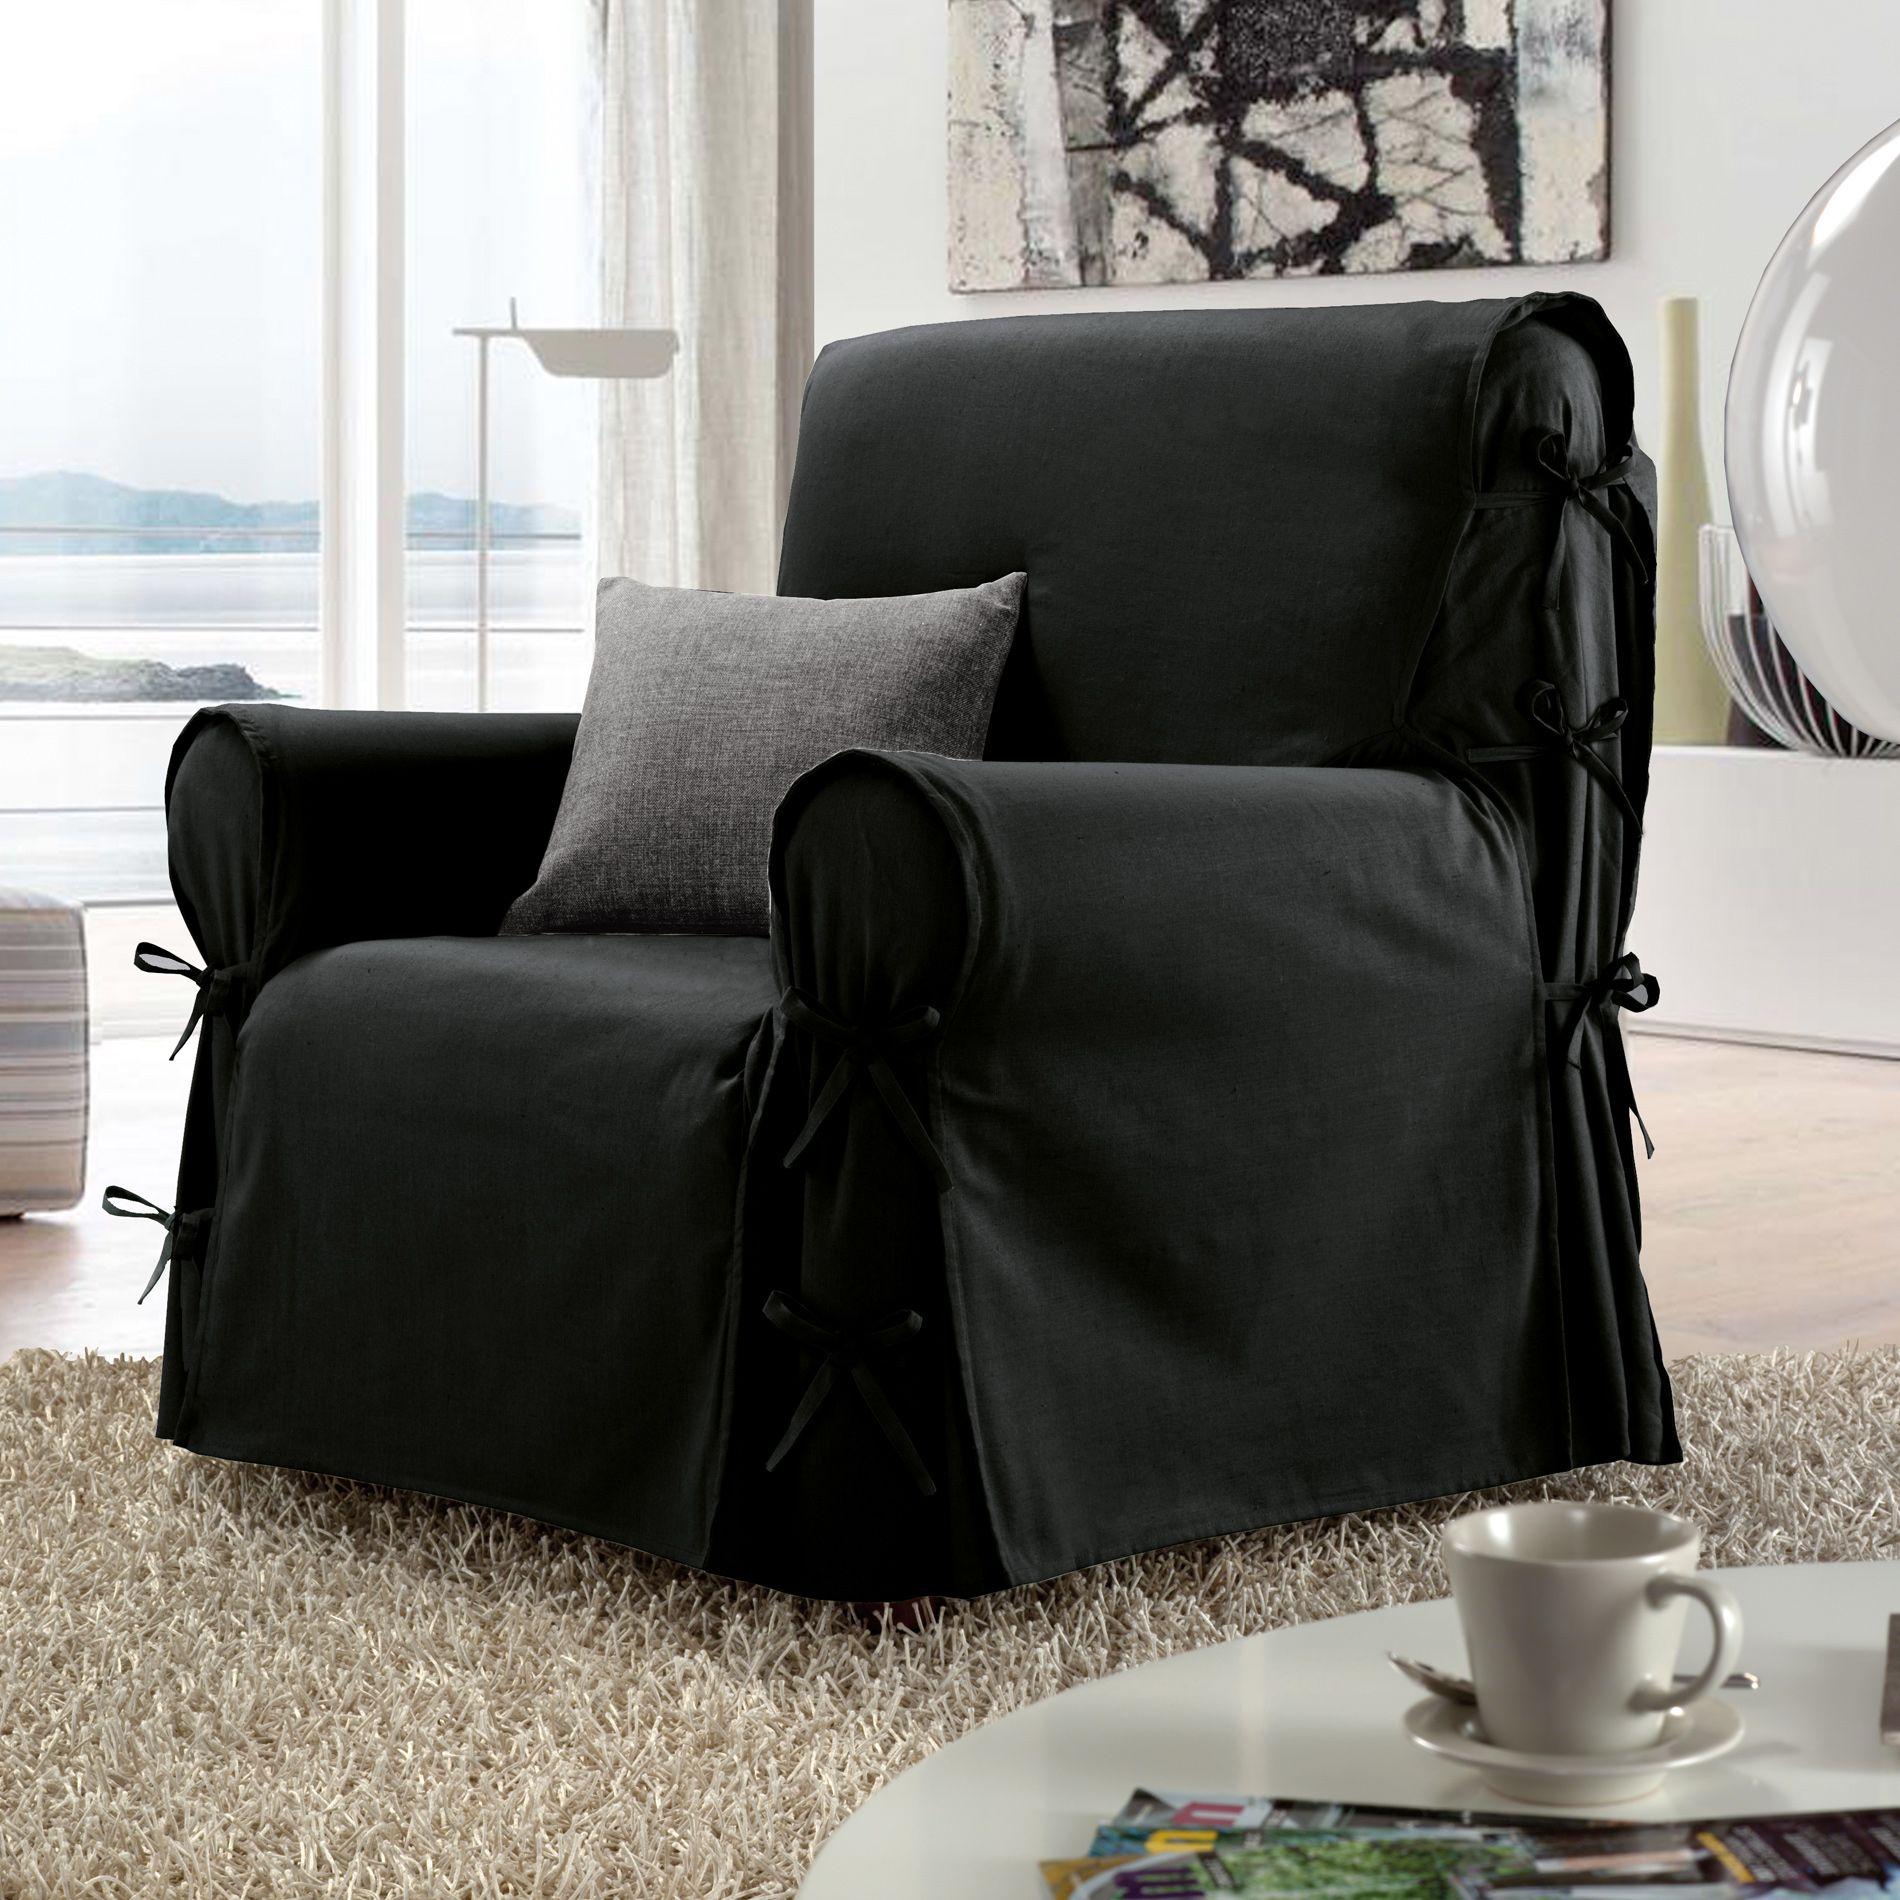 housse fauteuil stella noir 100 coton 57711 Résultat Supérieur 50 Luxe Housse Fauteuil Pic 2017 Zzt4